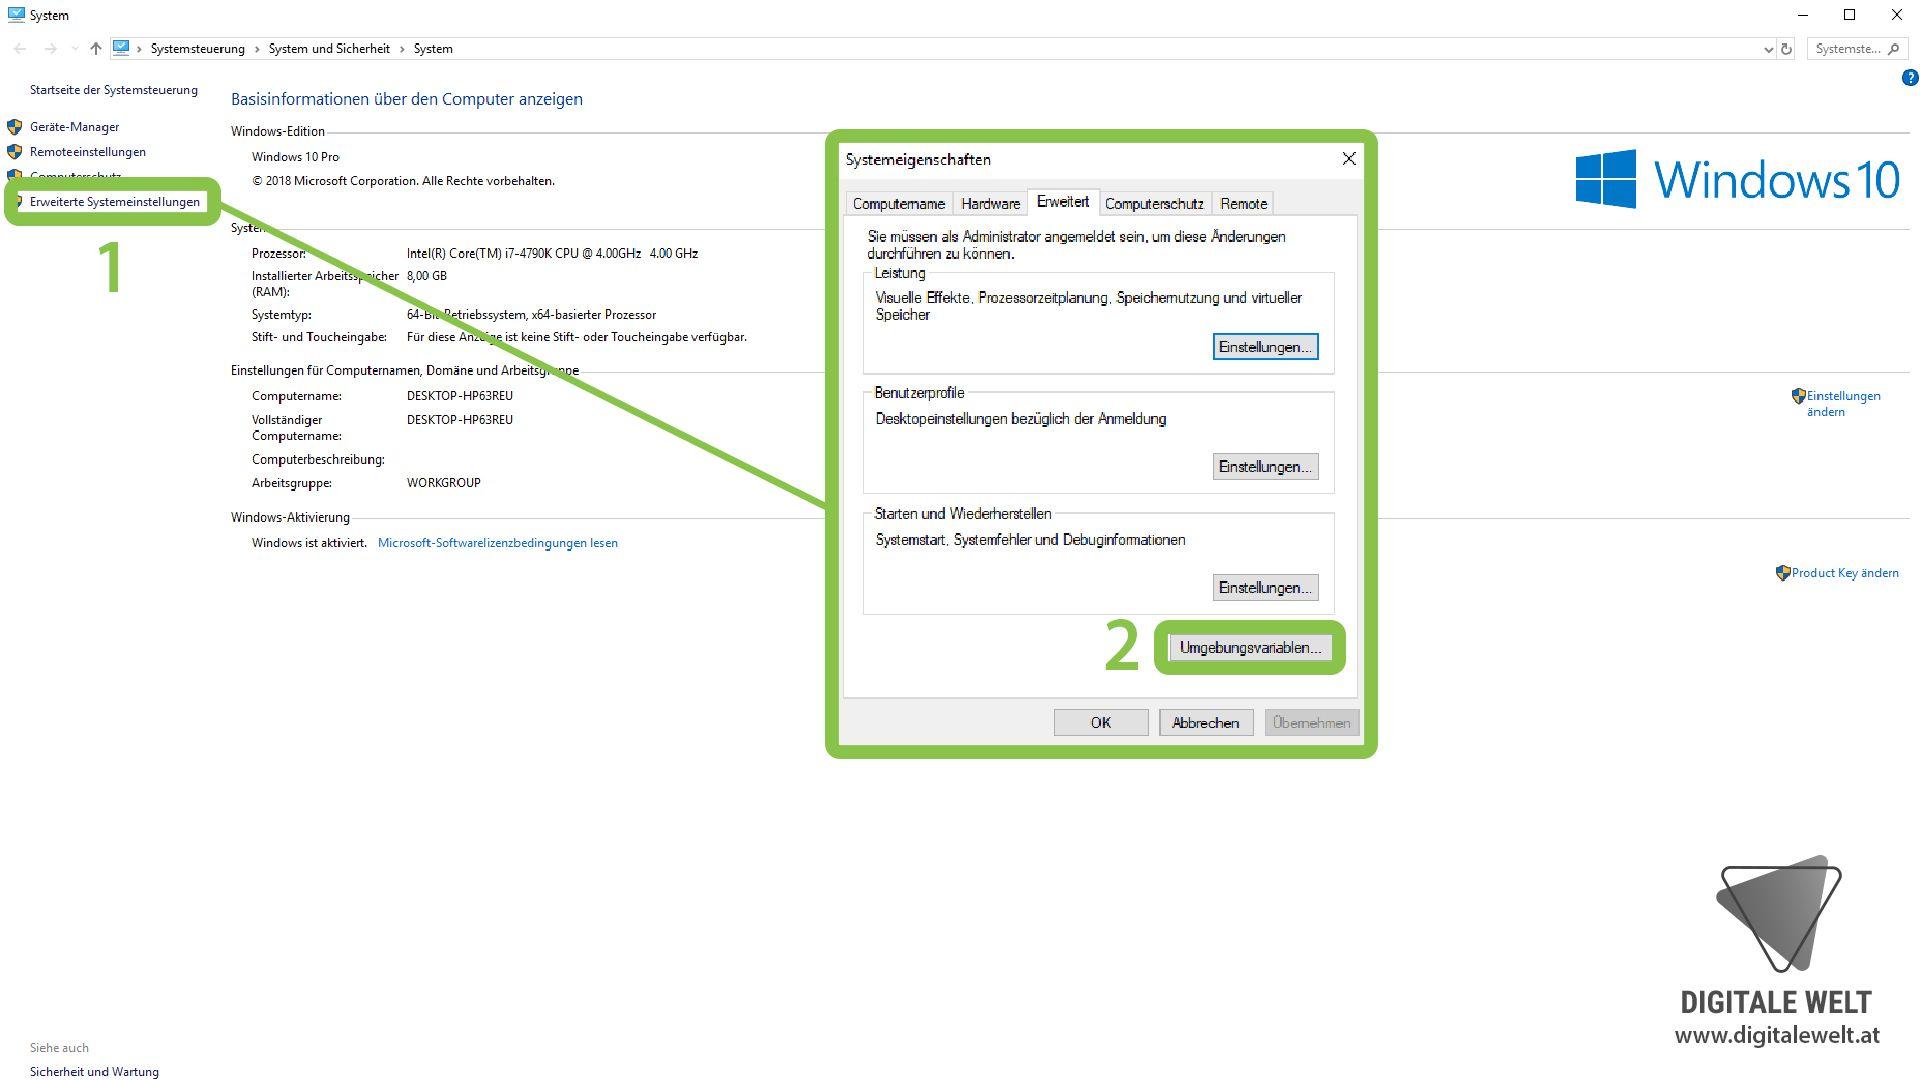 Openhab 2 Auf Einem Windows Pc Installieren Digitale Welt Schritt Fur Schritt Anleitung Und Anleitungen